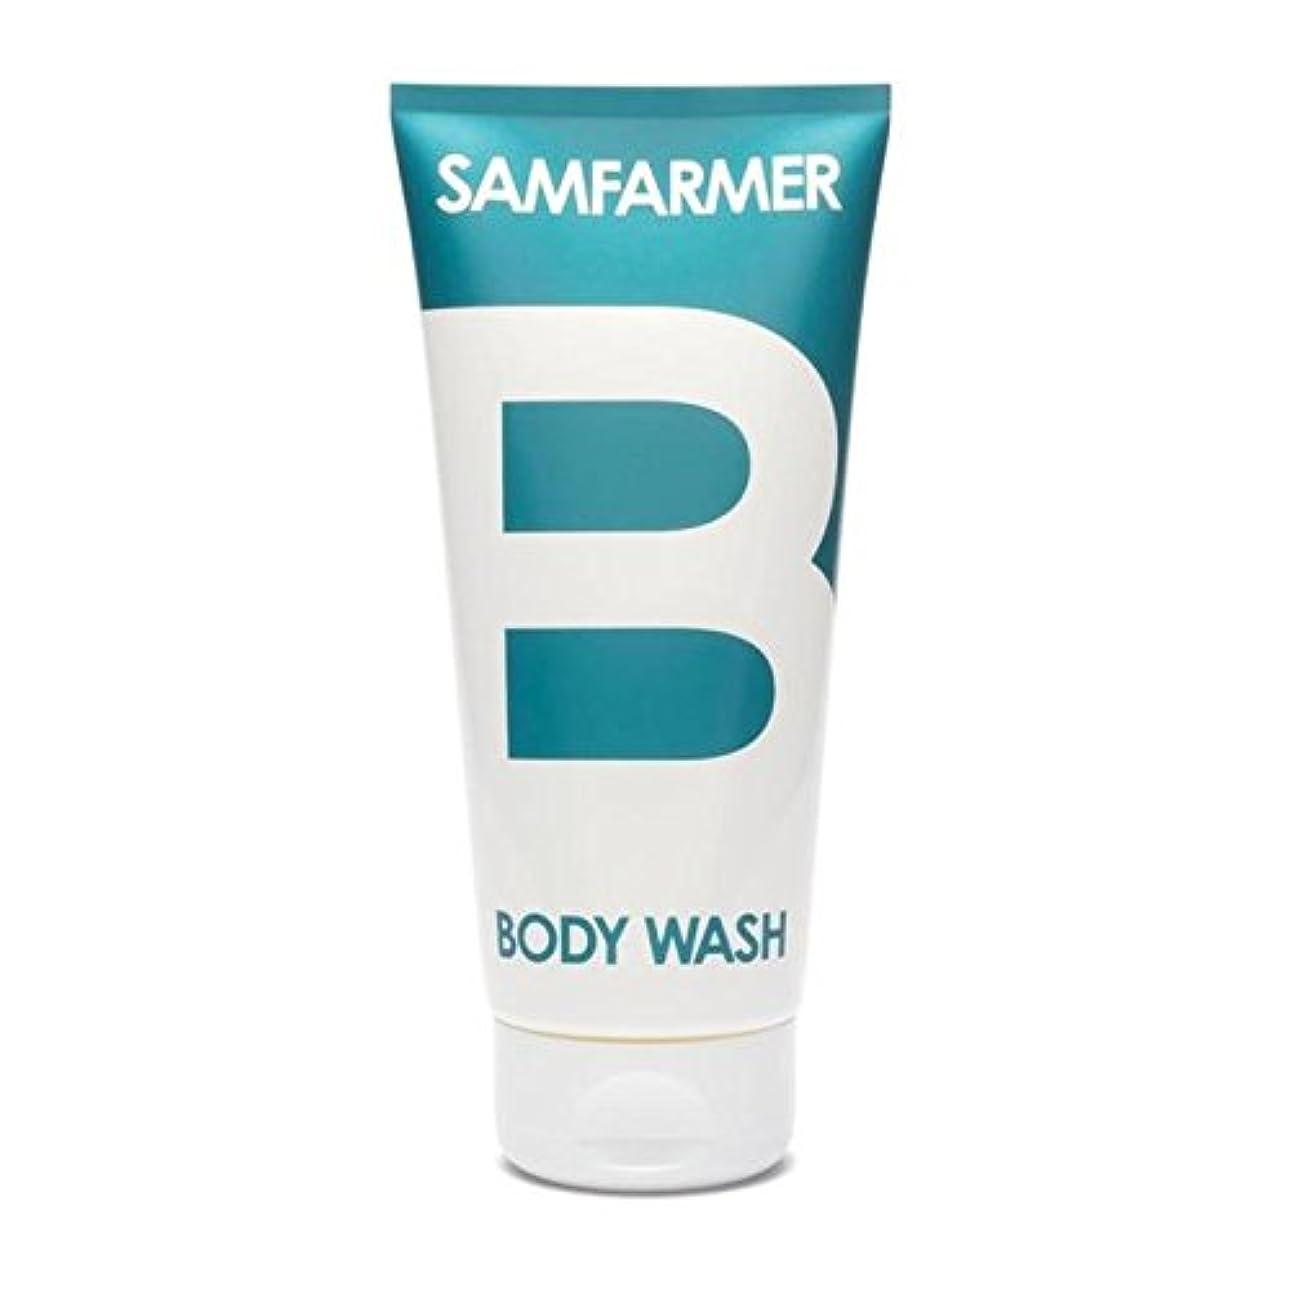 明らかにするシャンプー貫通するSAMFARMER Unisex Body Wash 200ml (Pack of 6) - ユニセックスボディウォッシュ200ミリリットル x6 [並行輸入品]